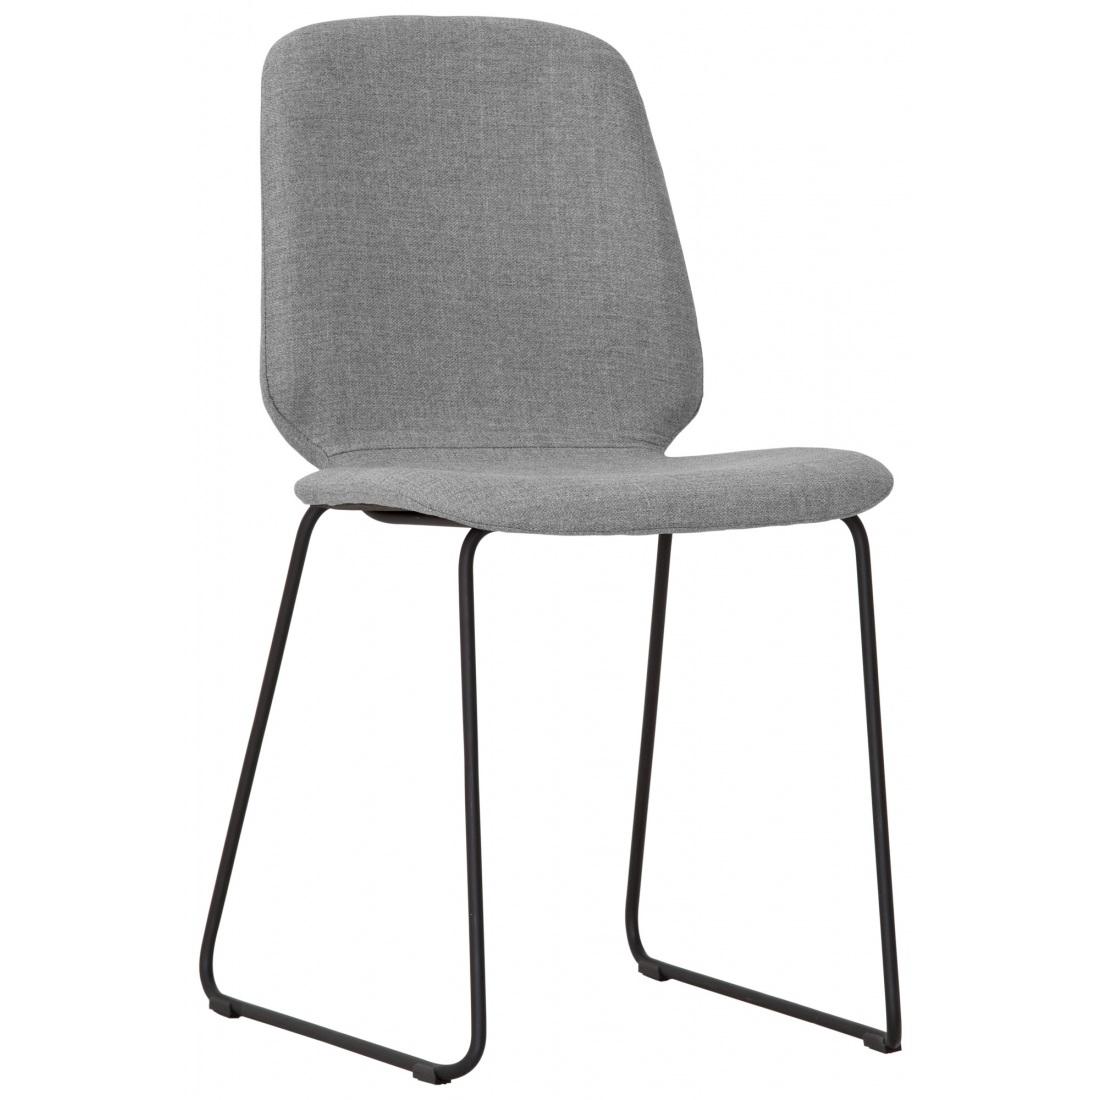 Esszimmerstuhl Dunkelgrau Stuhl Stühle Küchenstühle Essgruppe